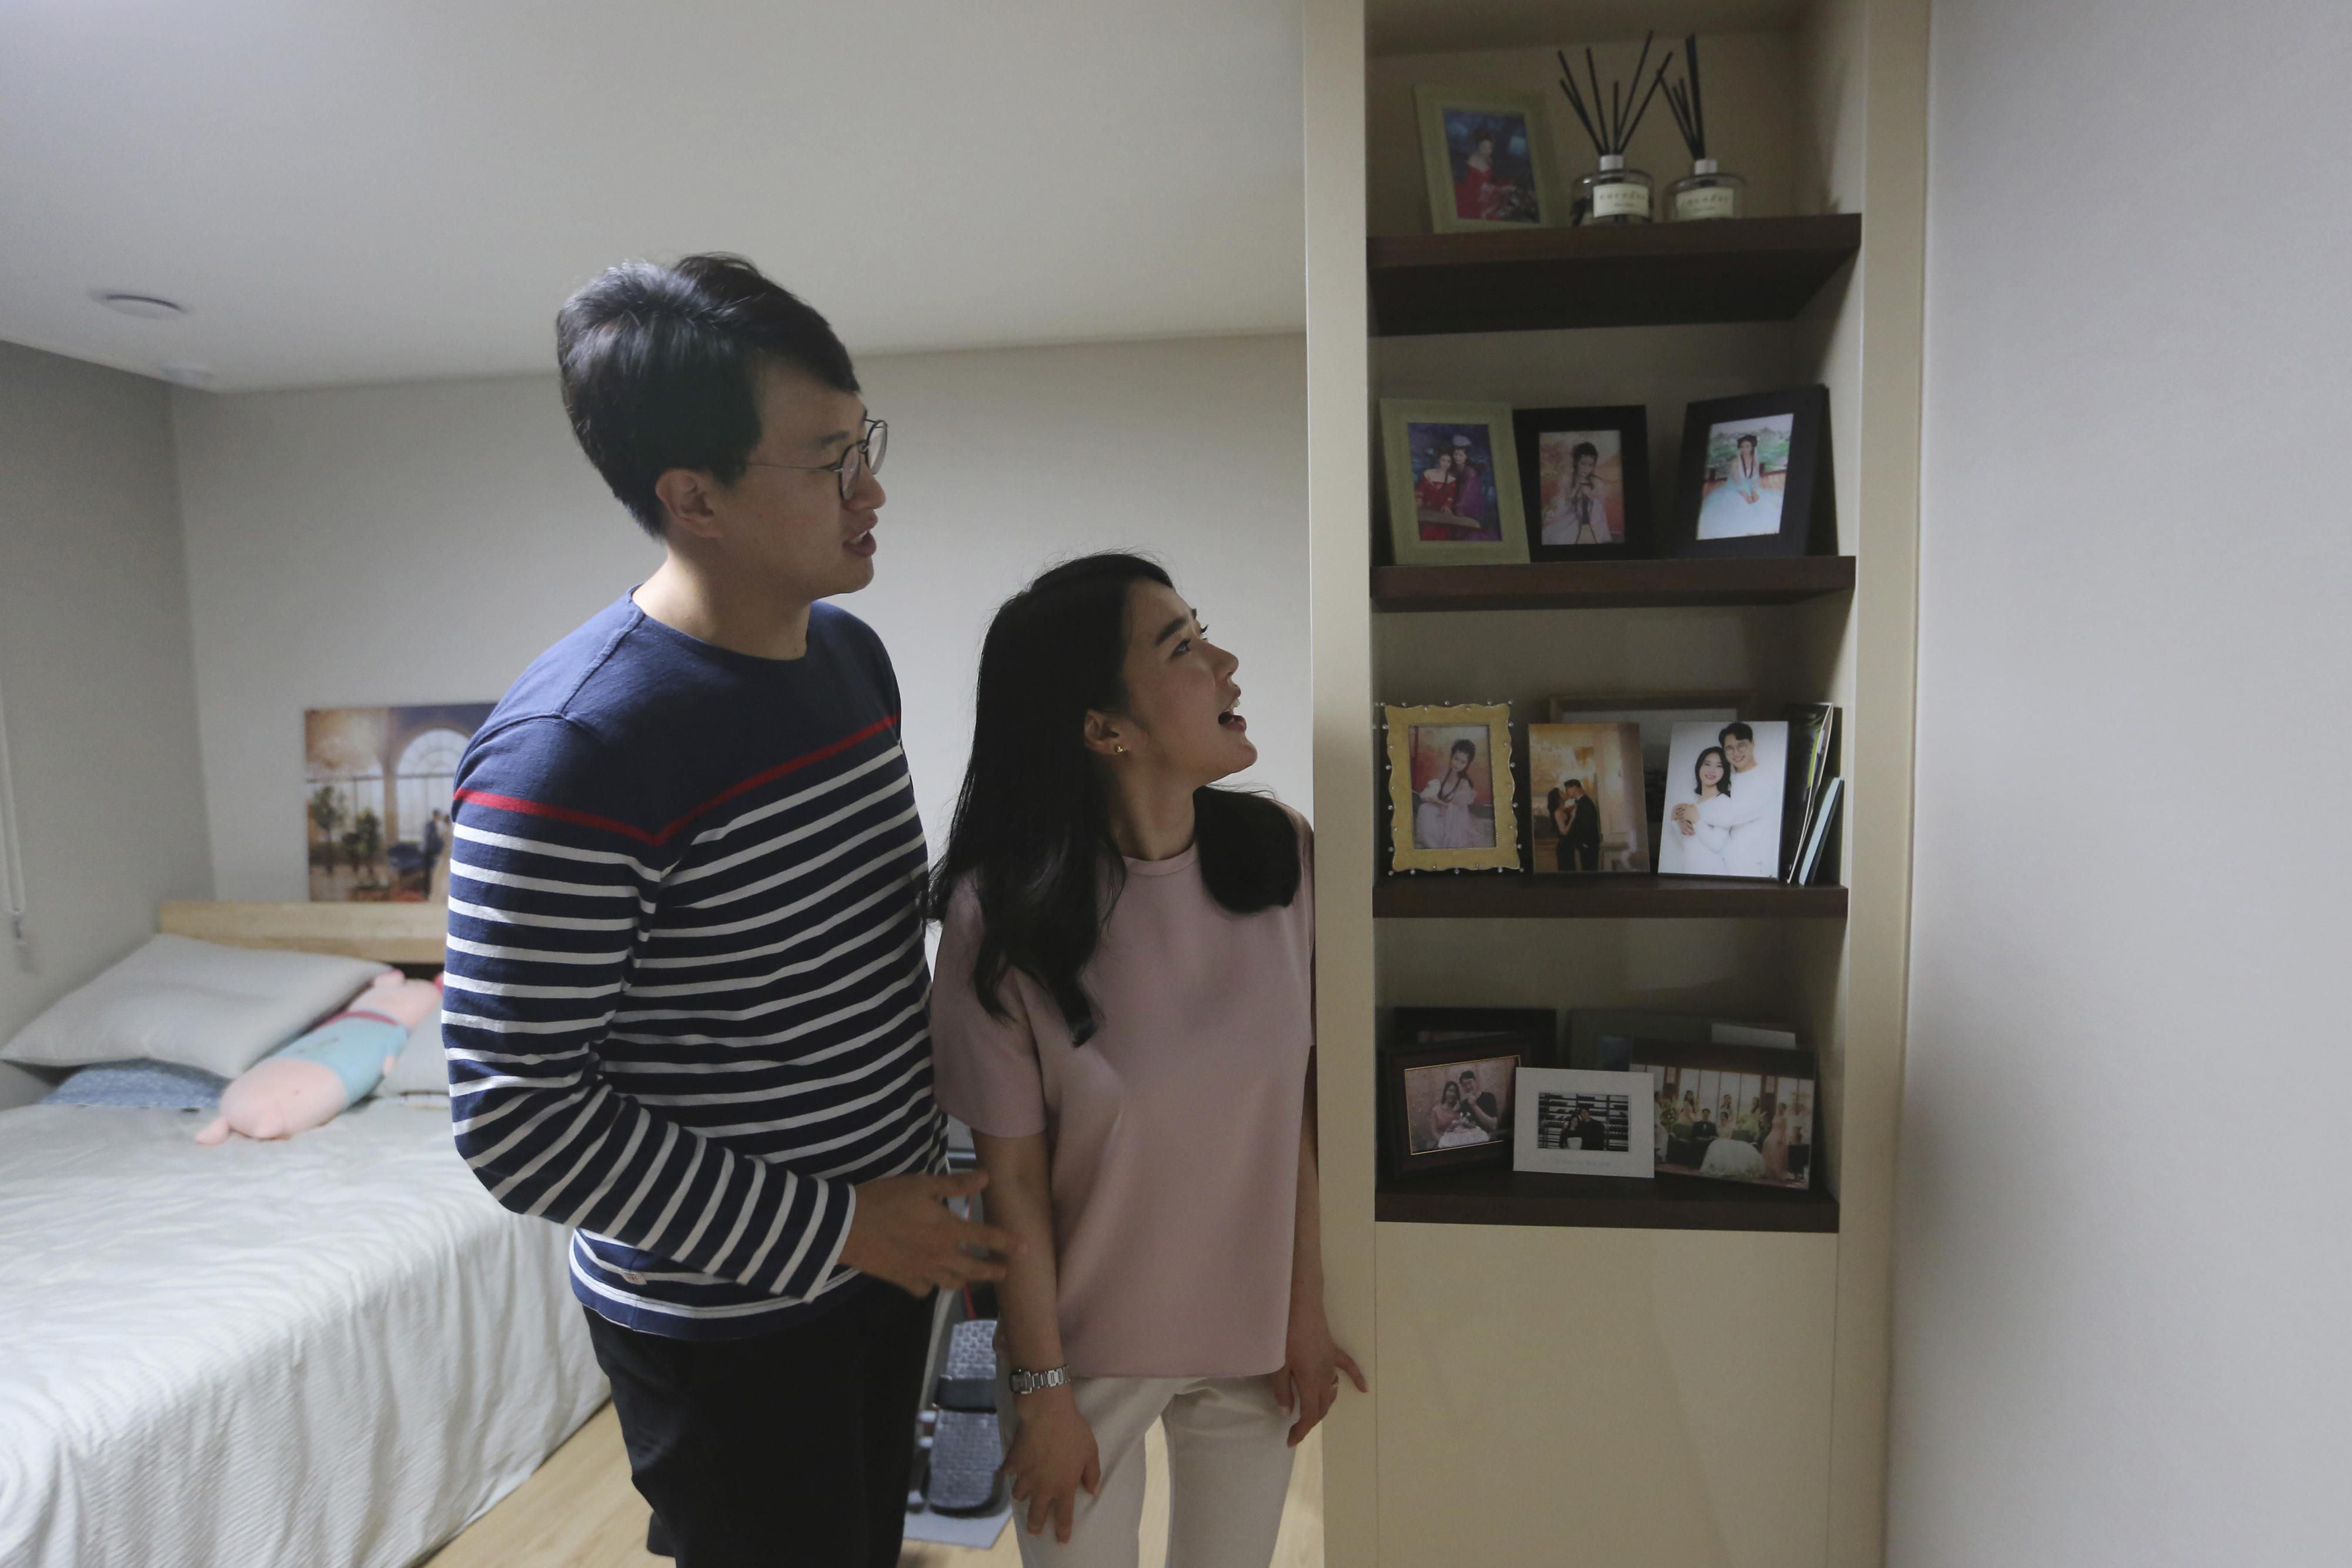 ▲▼首爾學區月租套房租金下跌;反觀二居、三居室房月租卻上漲10%。(示意圖/達志影像/美聯社)